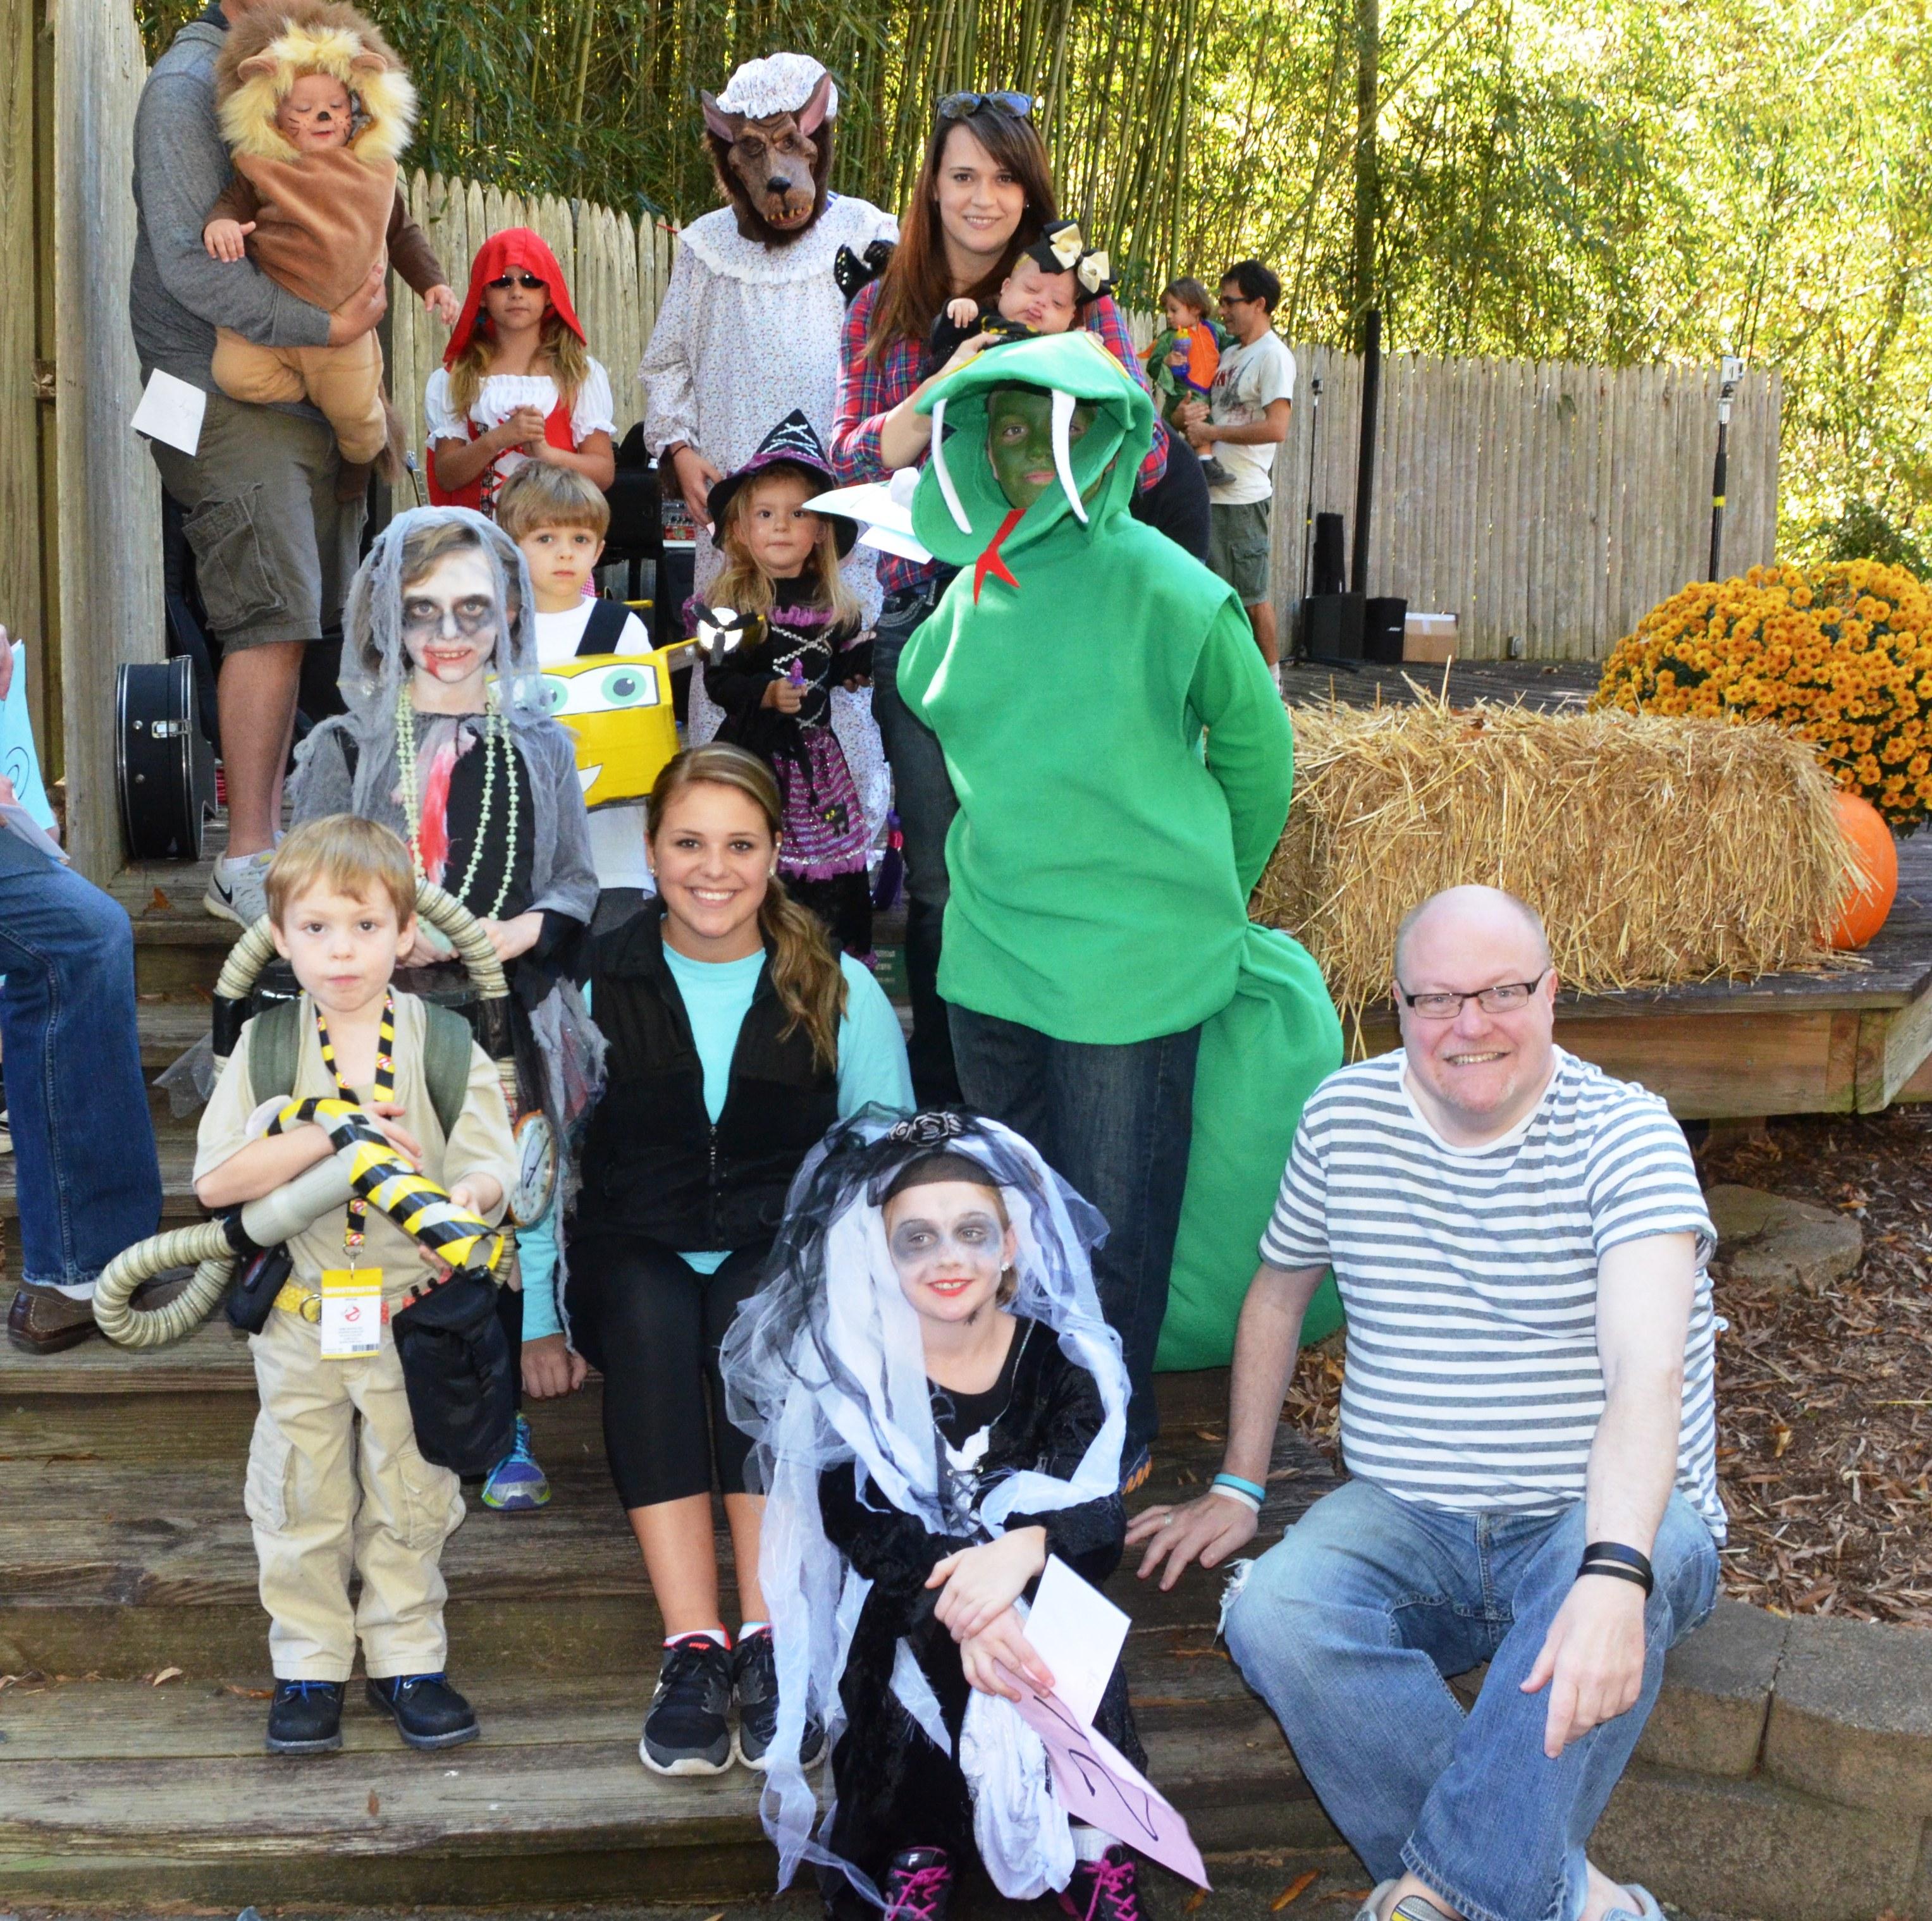 North Carolina Zoo Celebrates Boo at the Zoo Oct 22 & 23